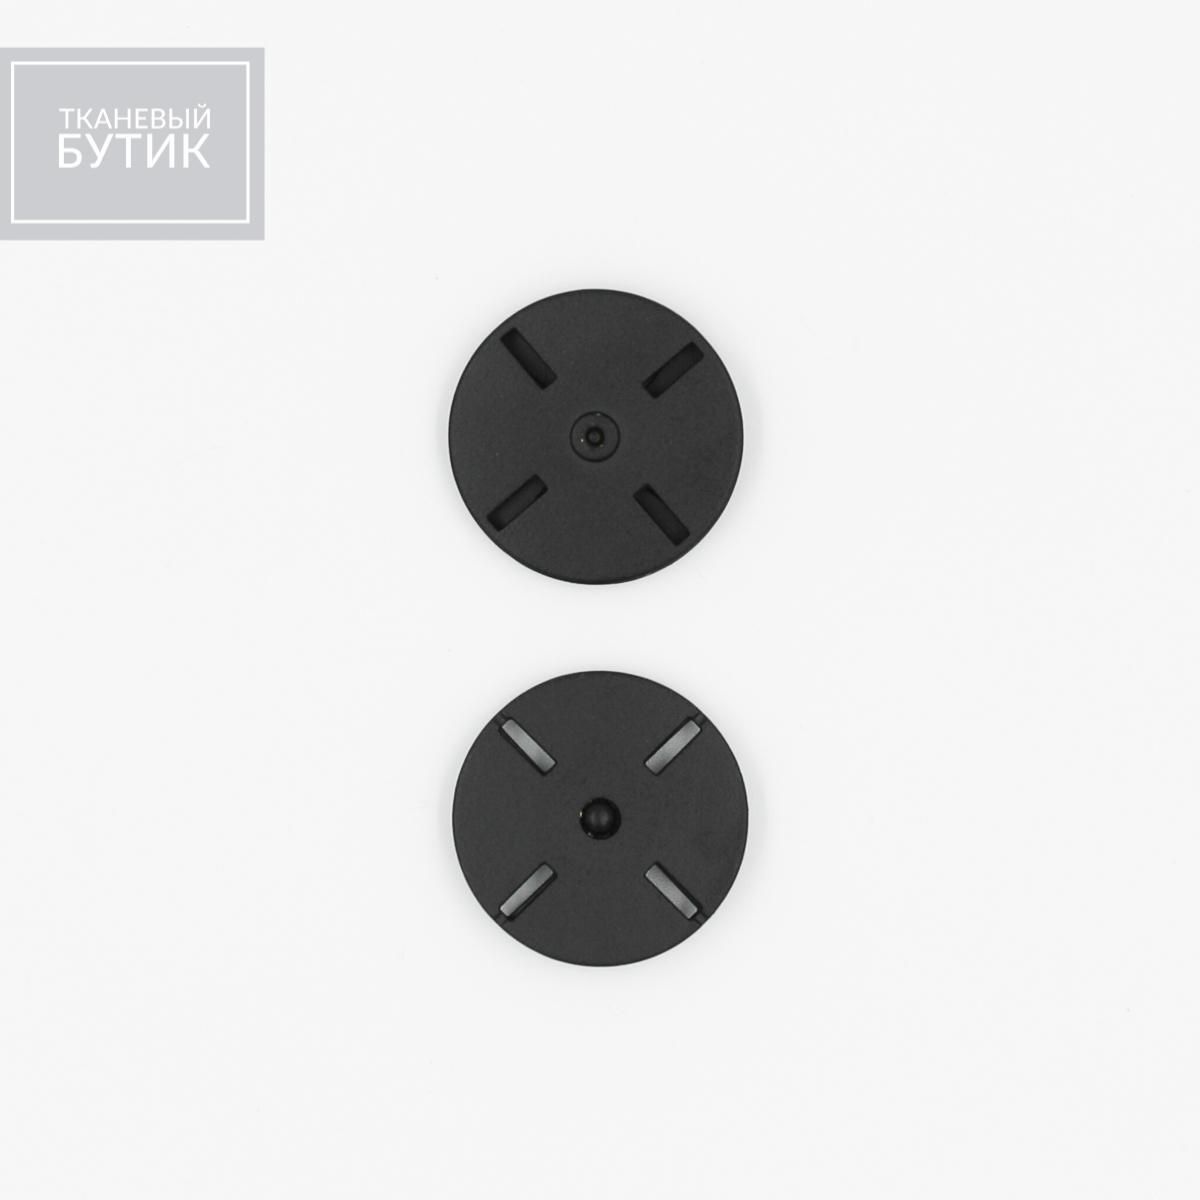 Плоская металлическая кнопка с матовой поверхностью